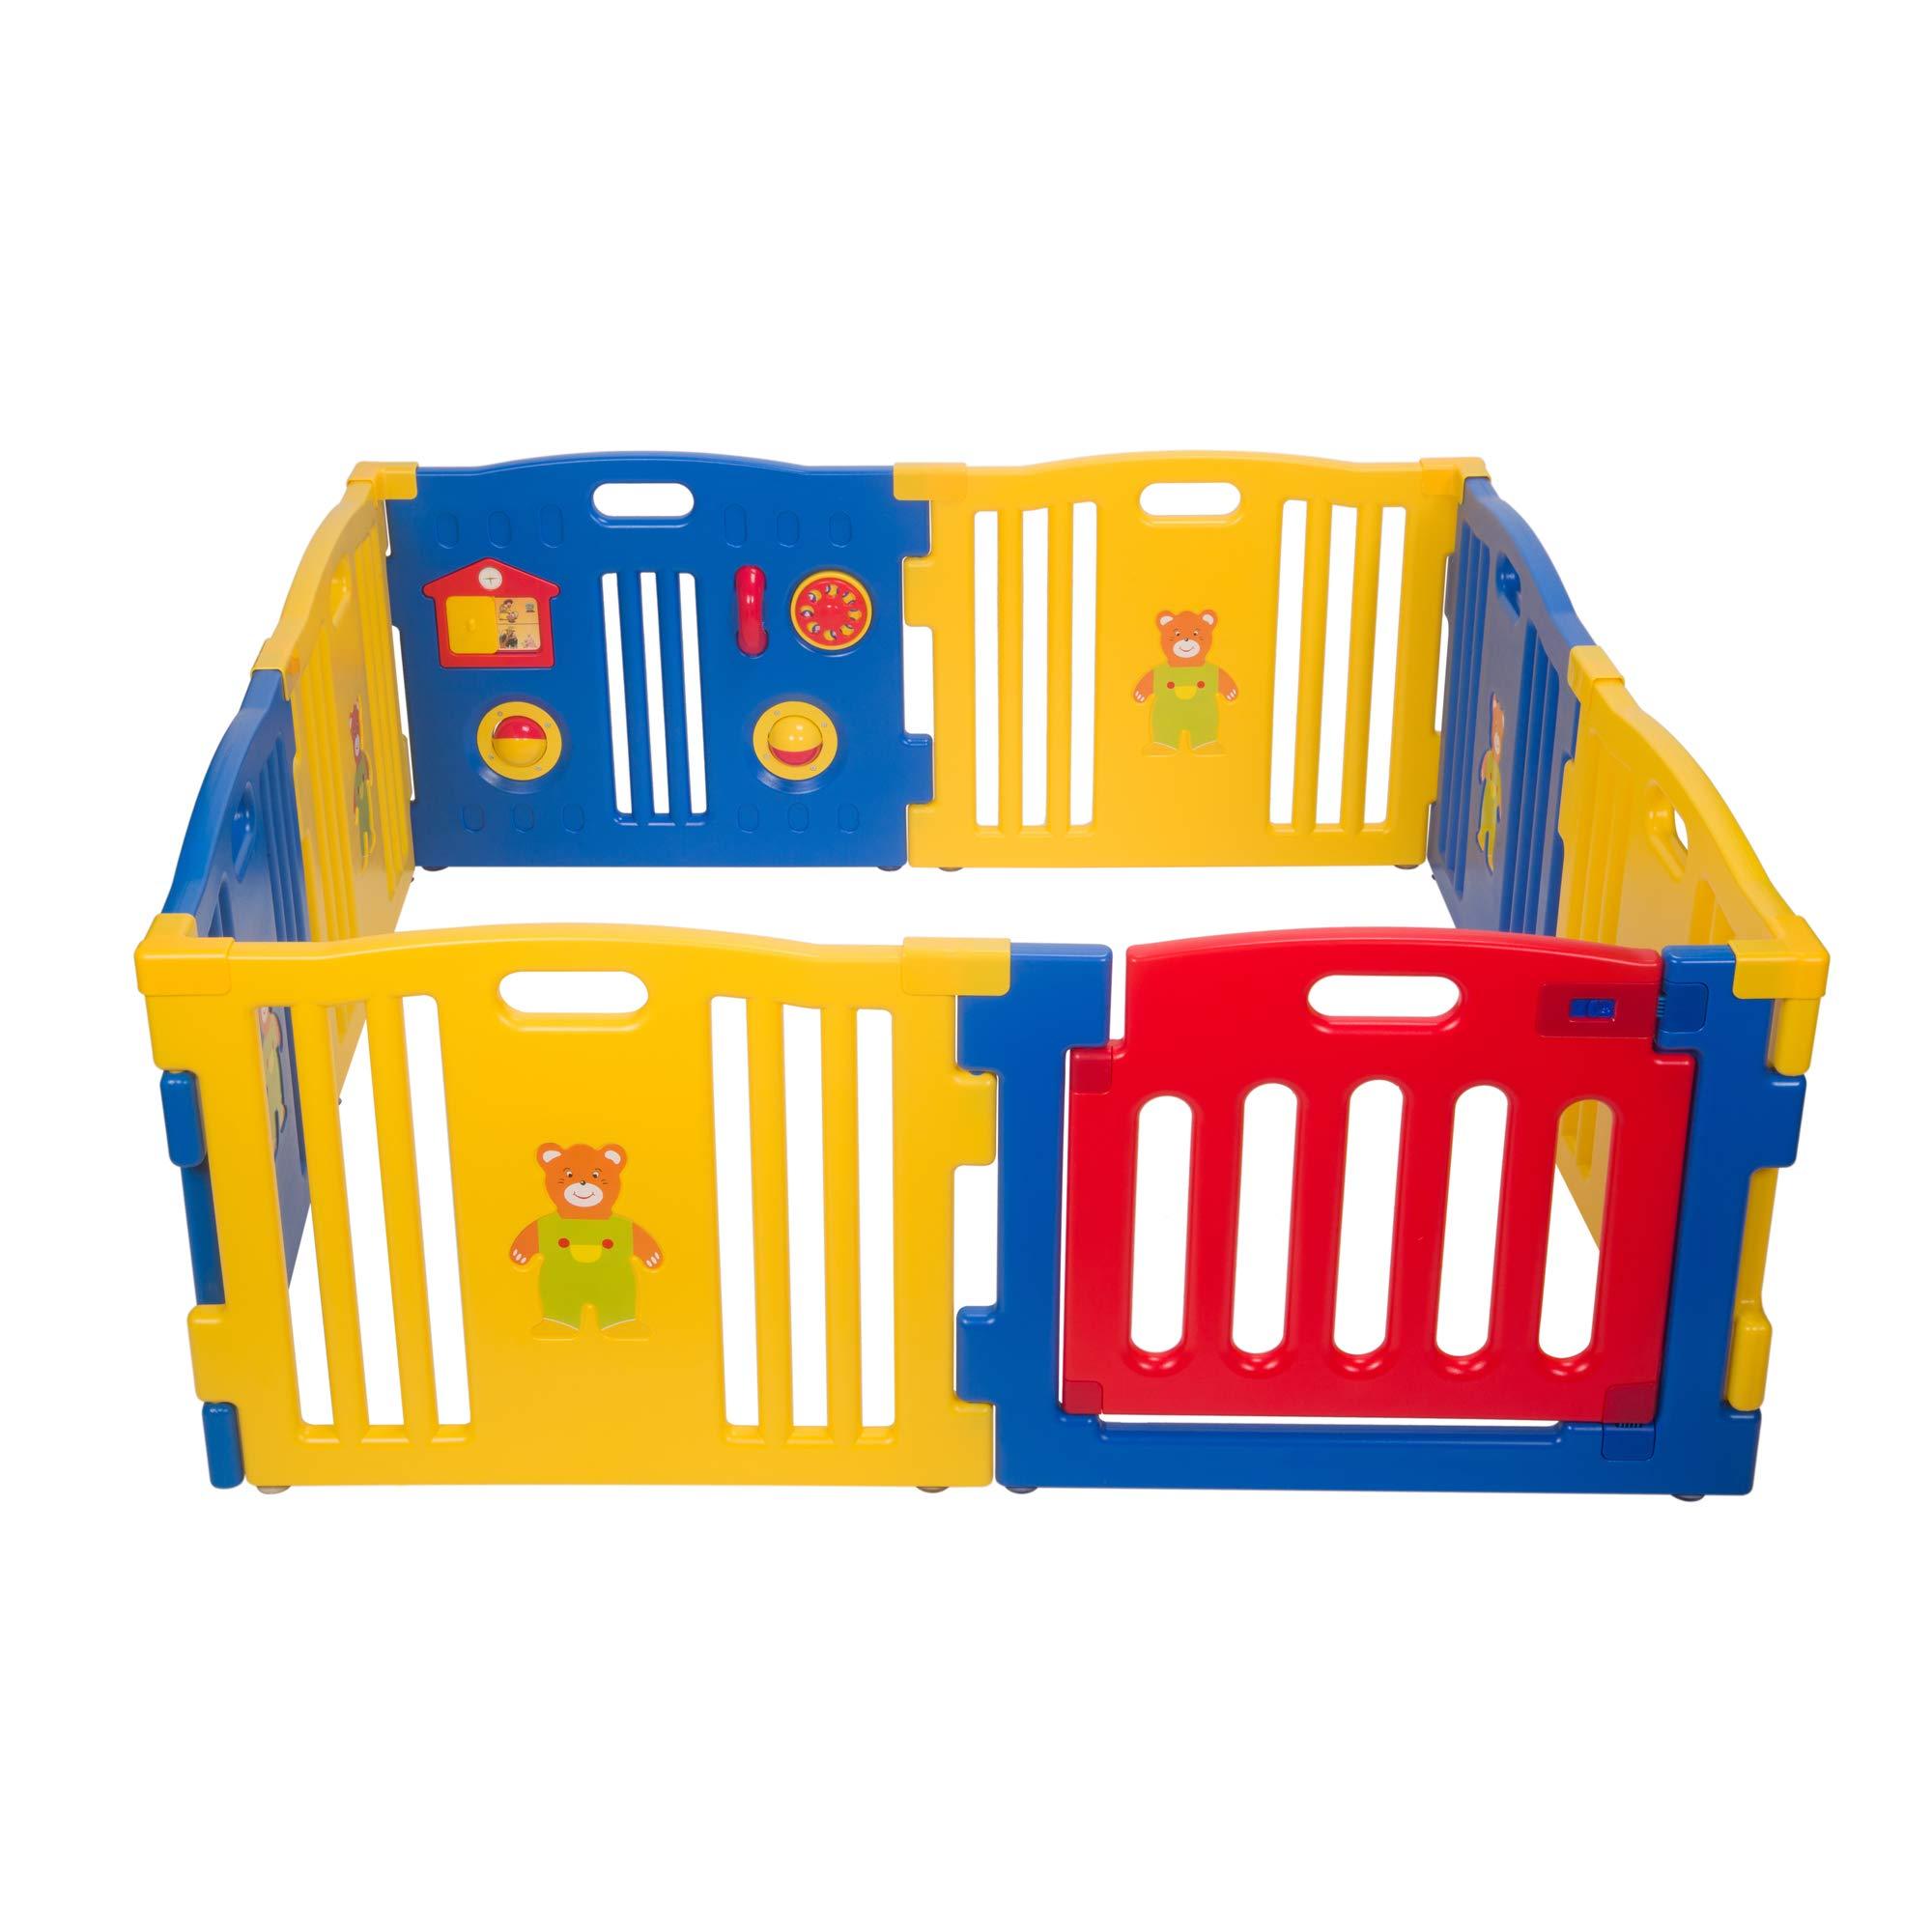 MCC parc pour bébé en plastique à 8 côtés avec panneau d'activités /d'éveil product image